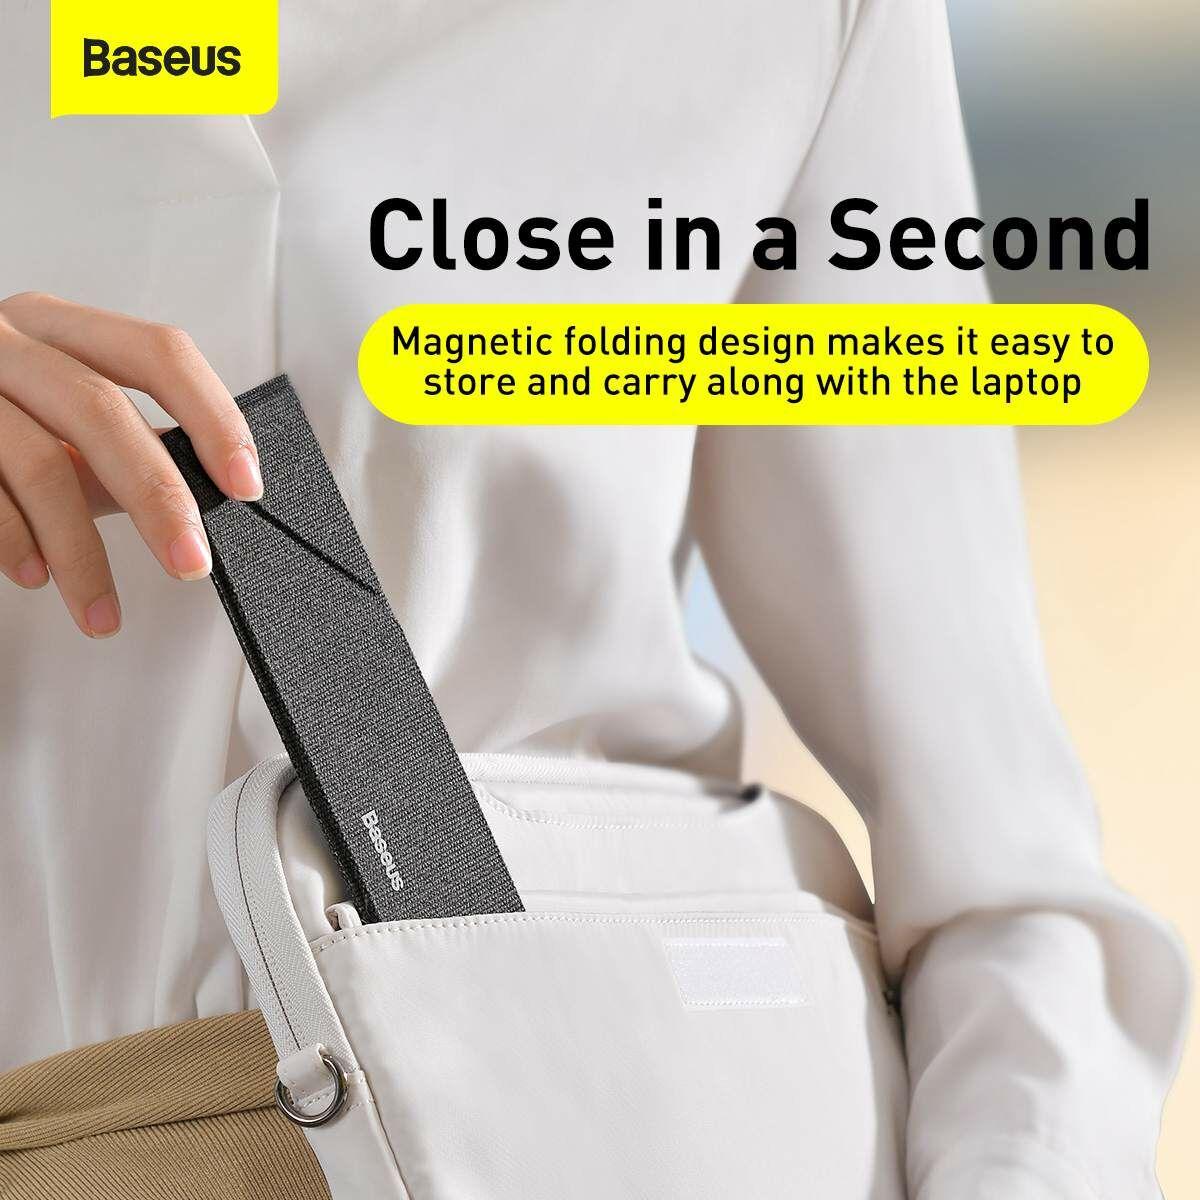 Baseus Macbook és laptop tartó, Ultra thin notebook asztali tartó, sötét szürke (SUZB-0G)